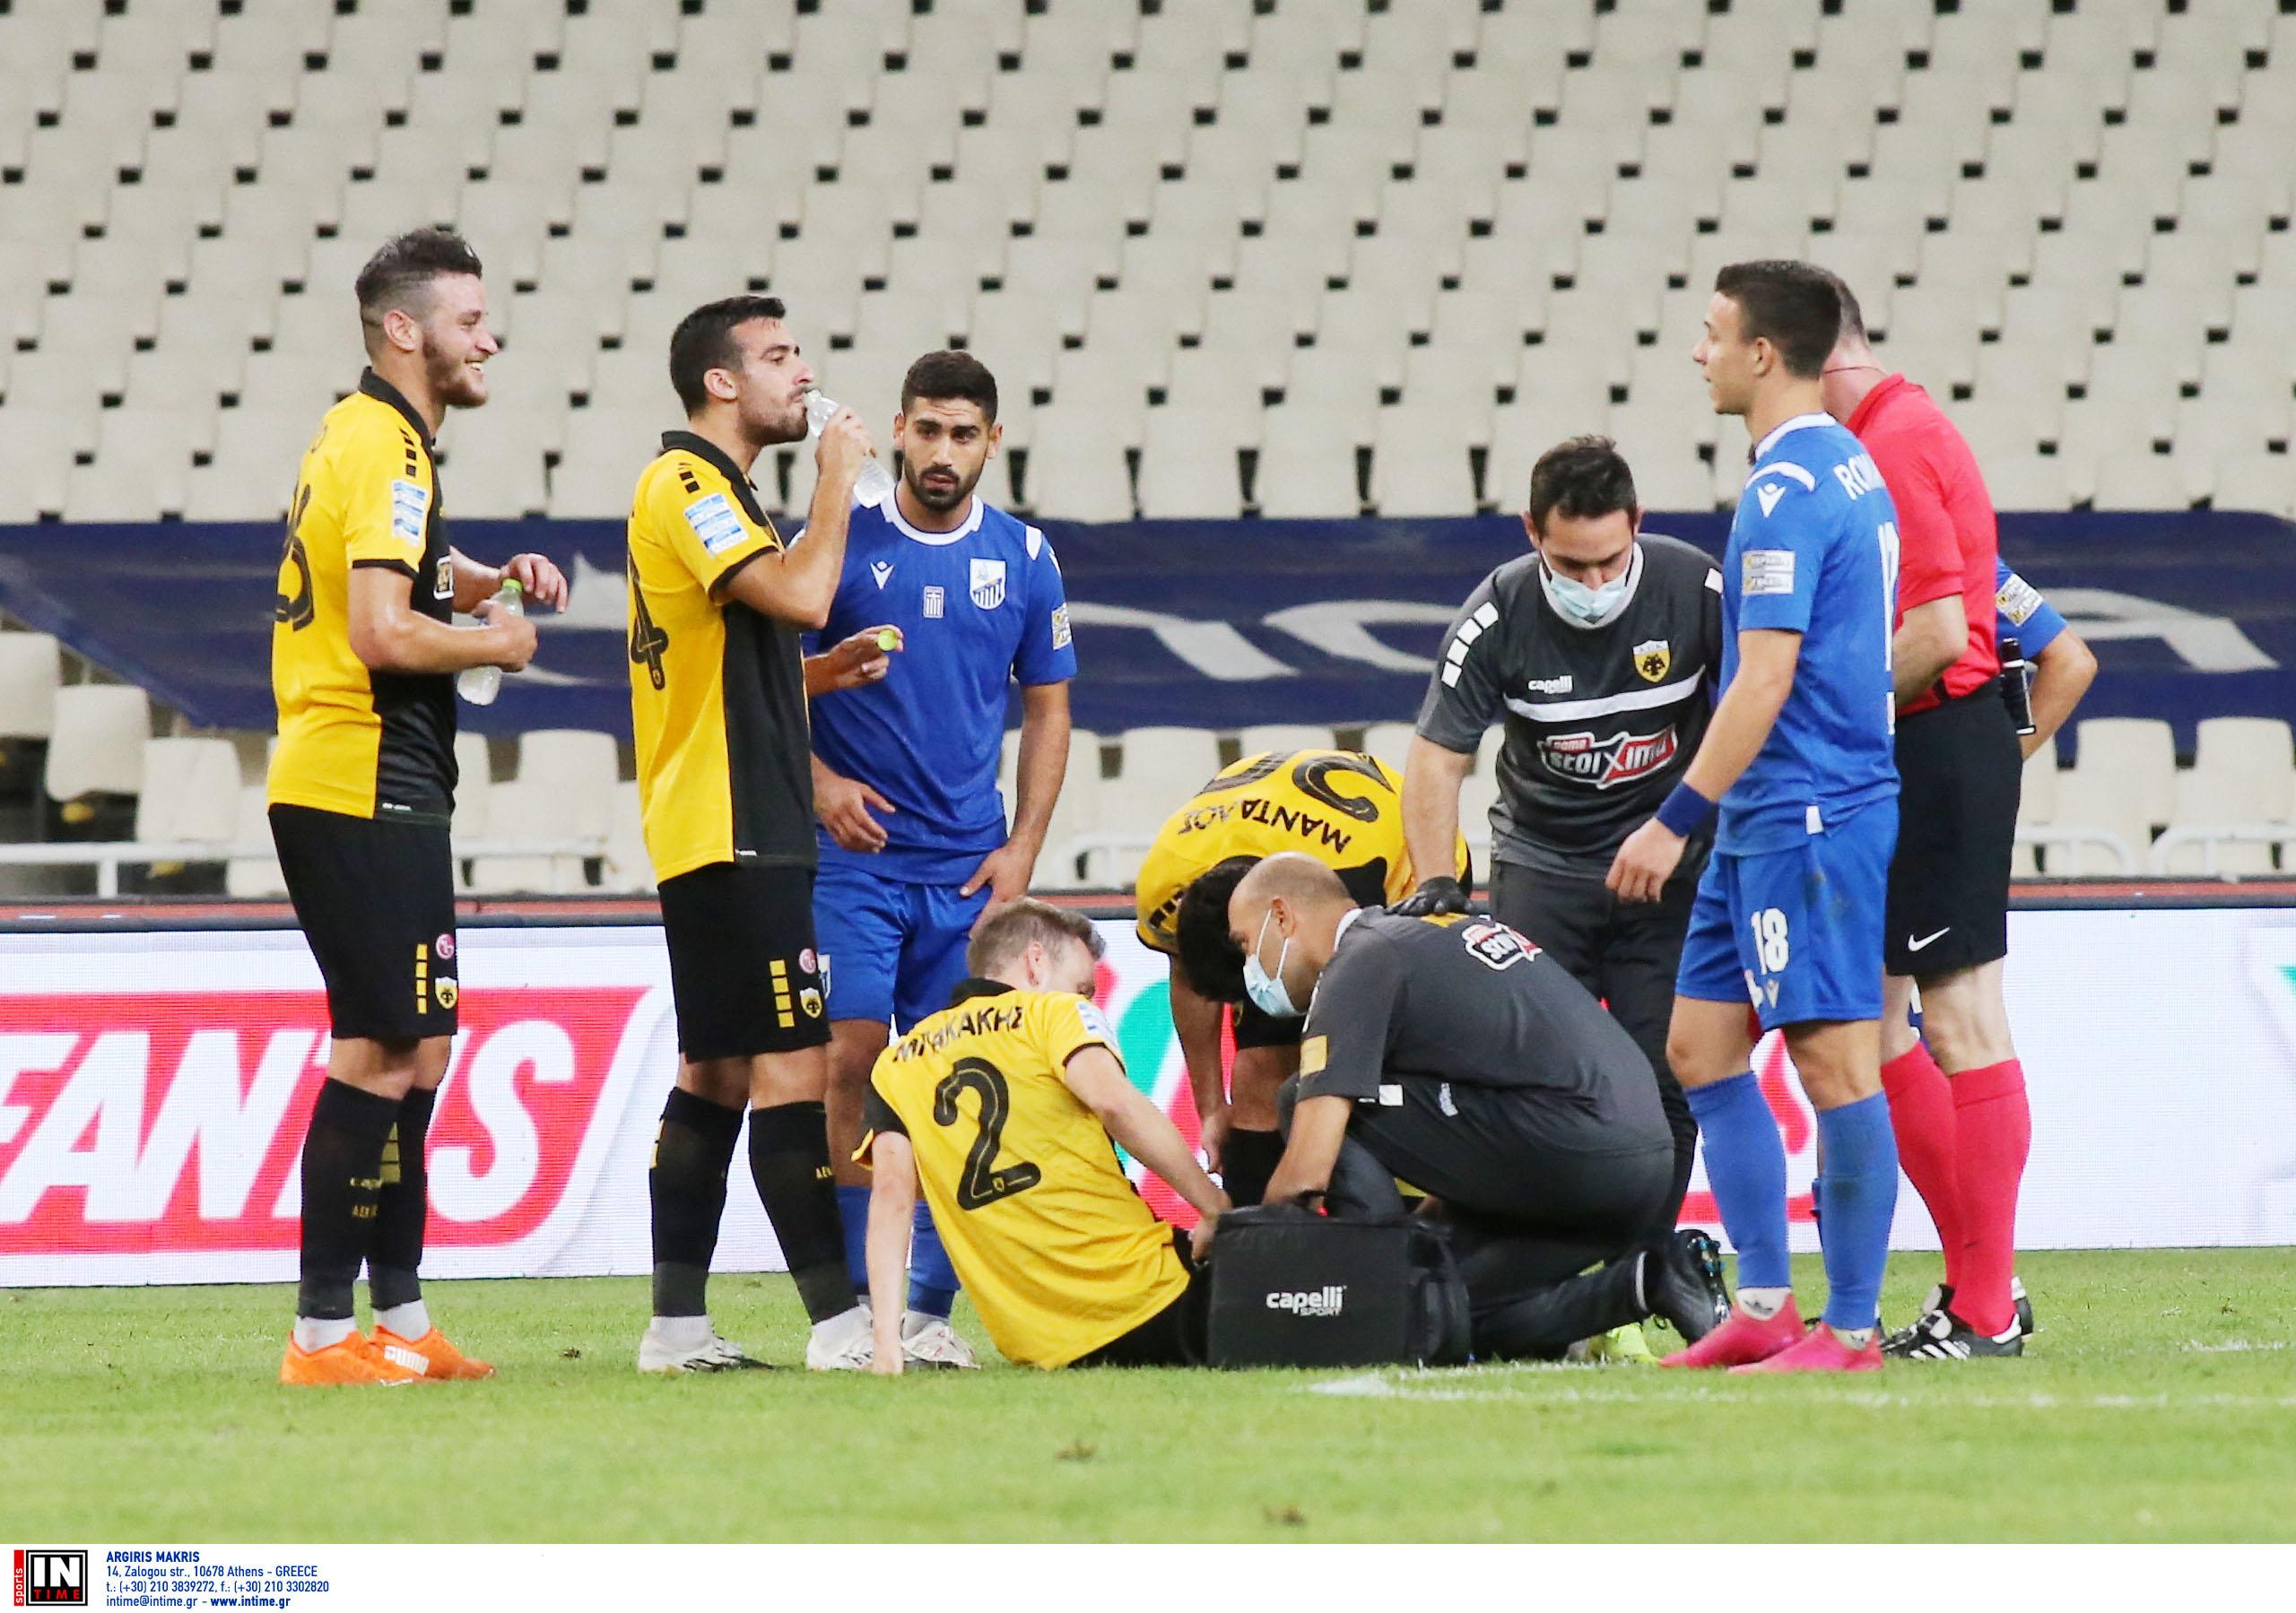 ΑΕΚ: Αποχώρησαν τραυματίες Μπακάκης και Μαχαίρας